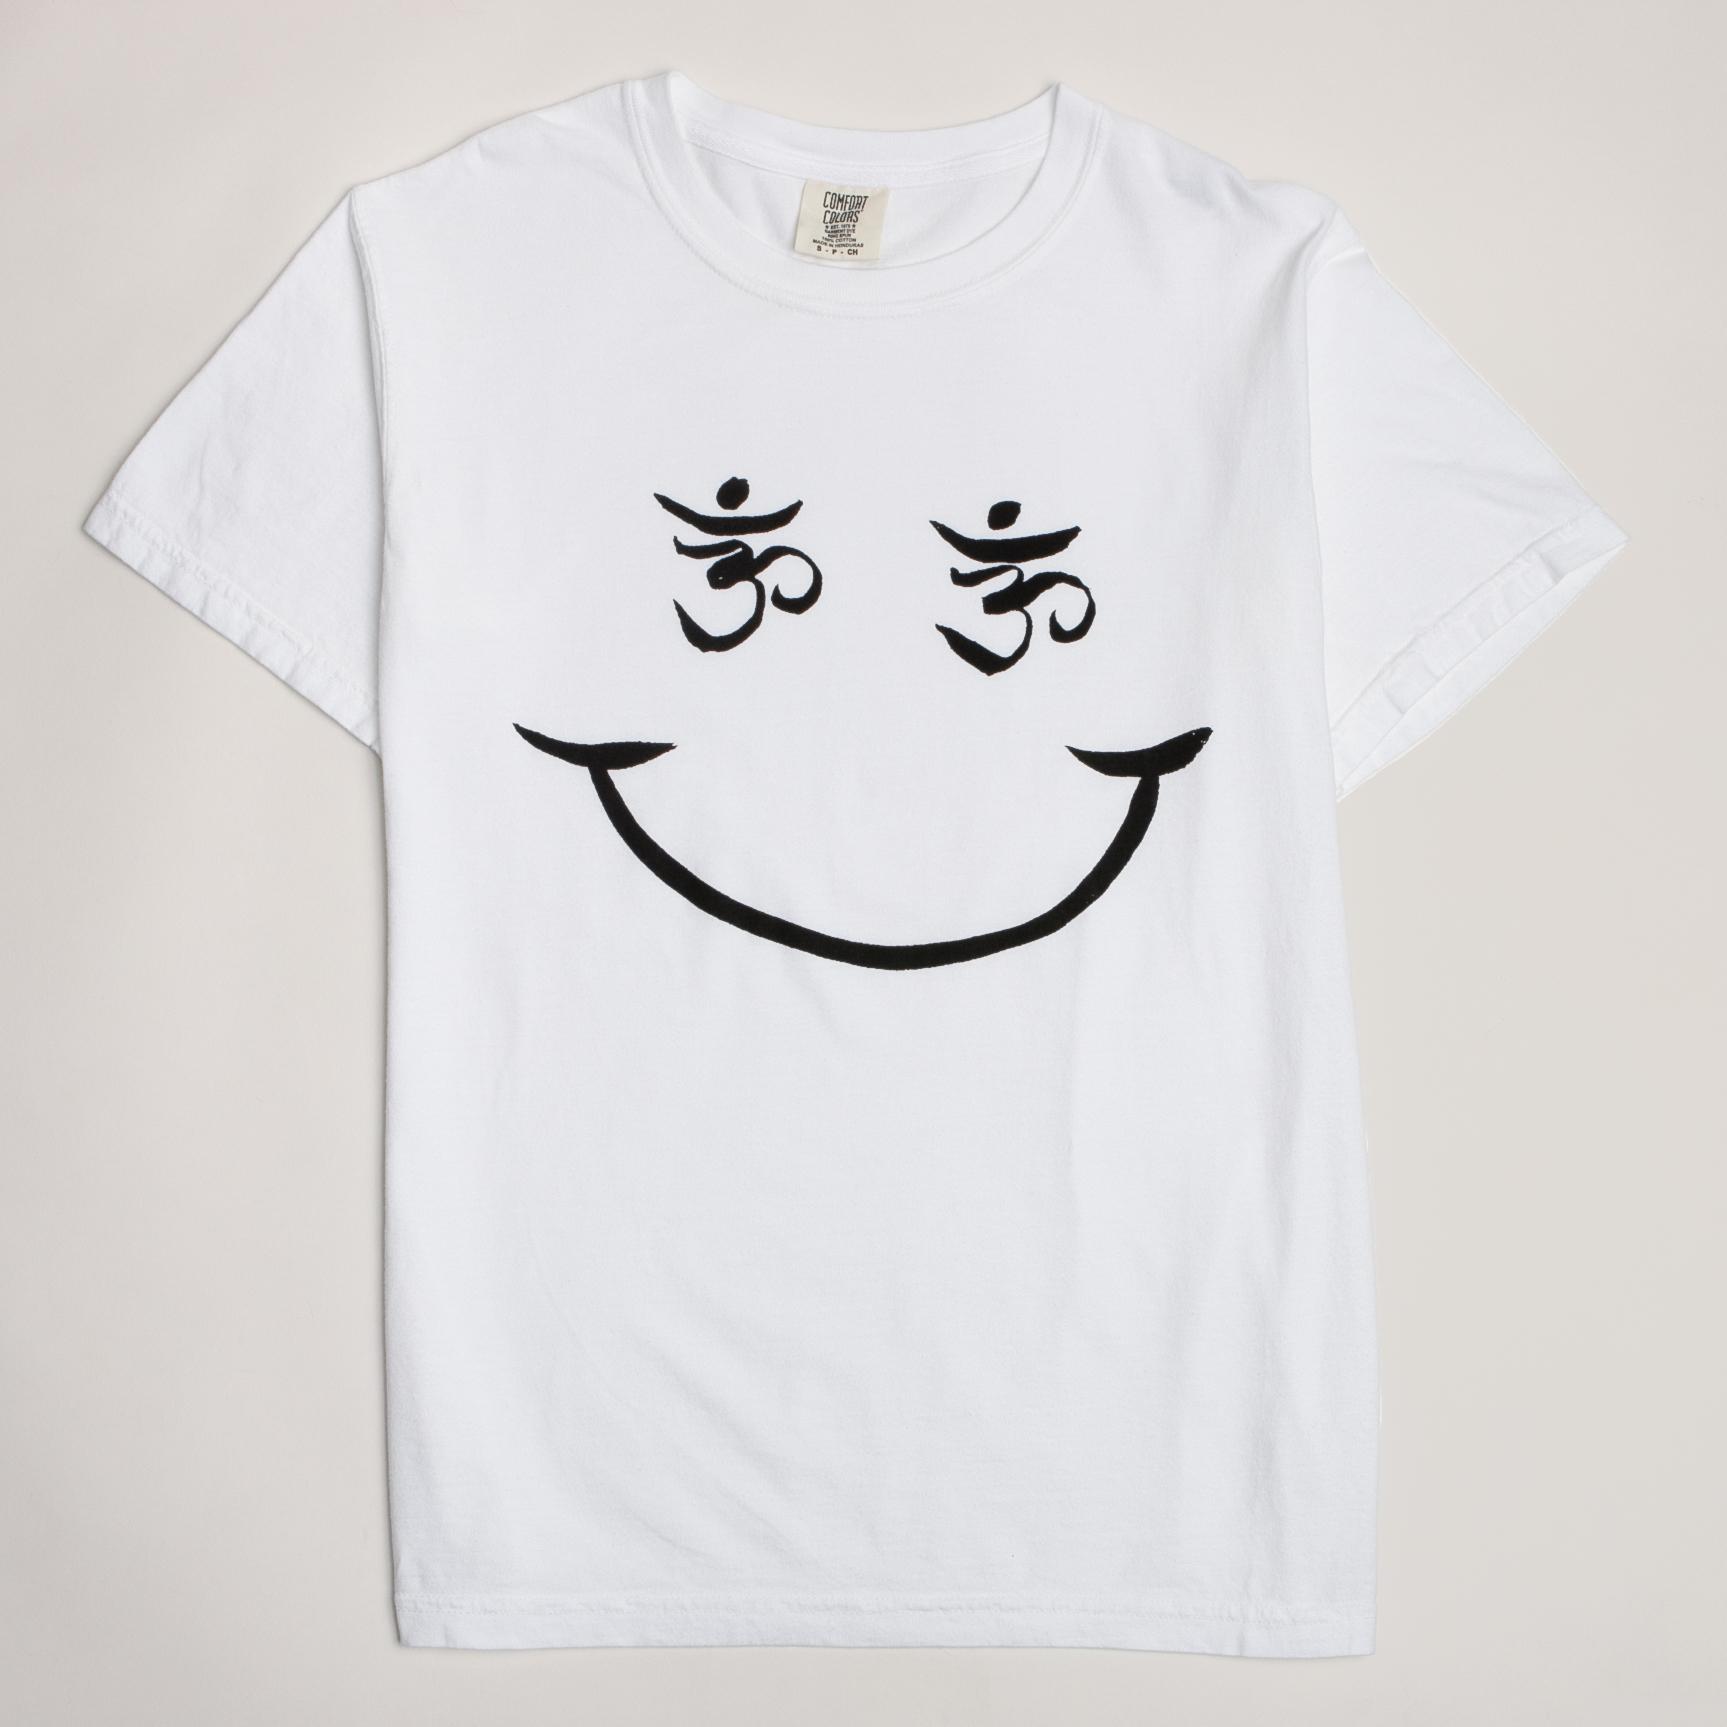 Smiley Face Shirt - Devendra Banhart